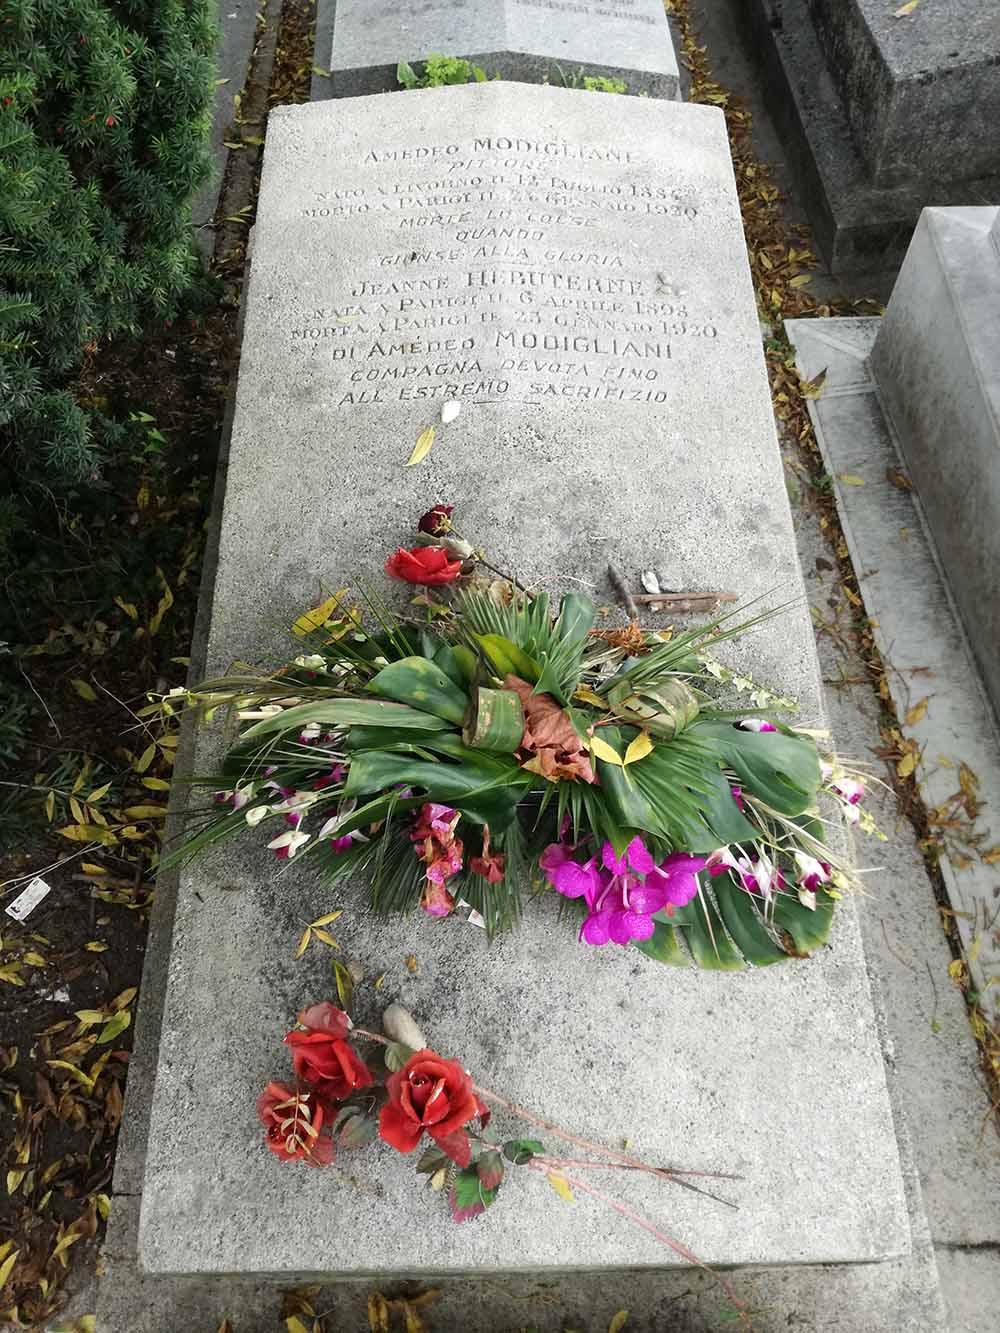 Modigliani's grave